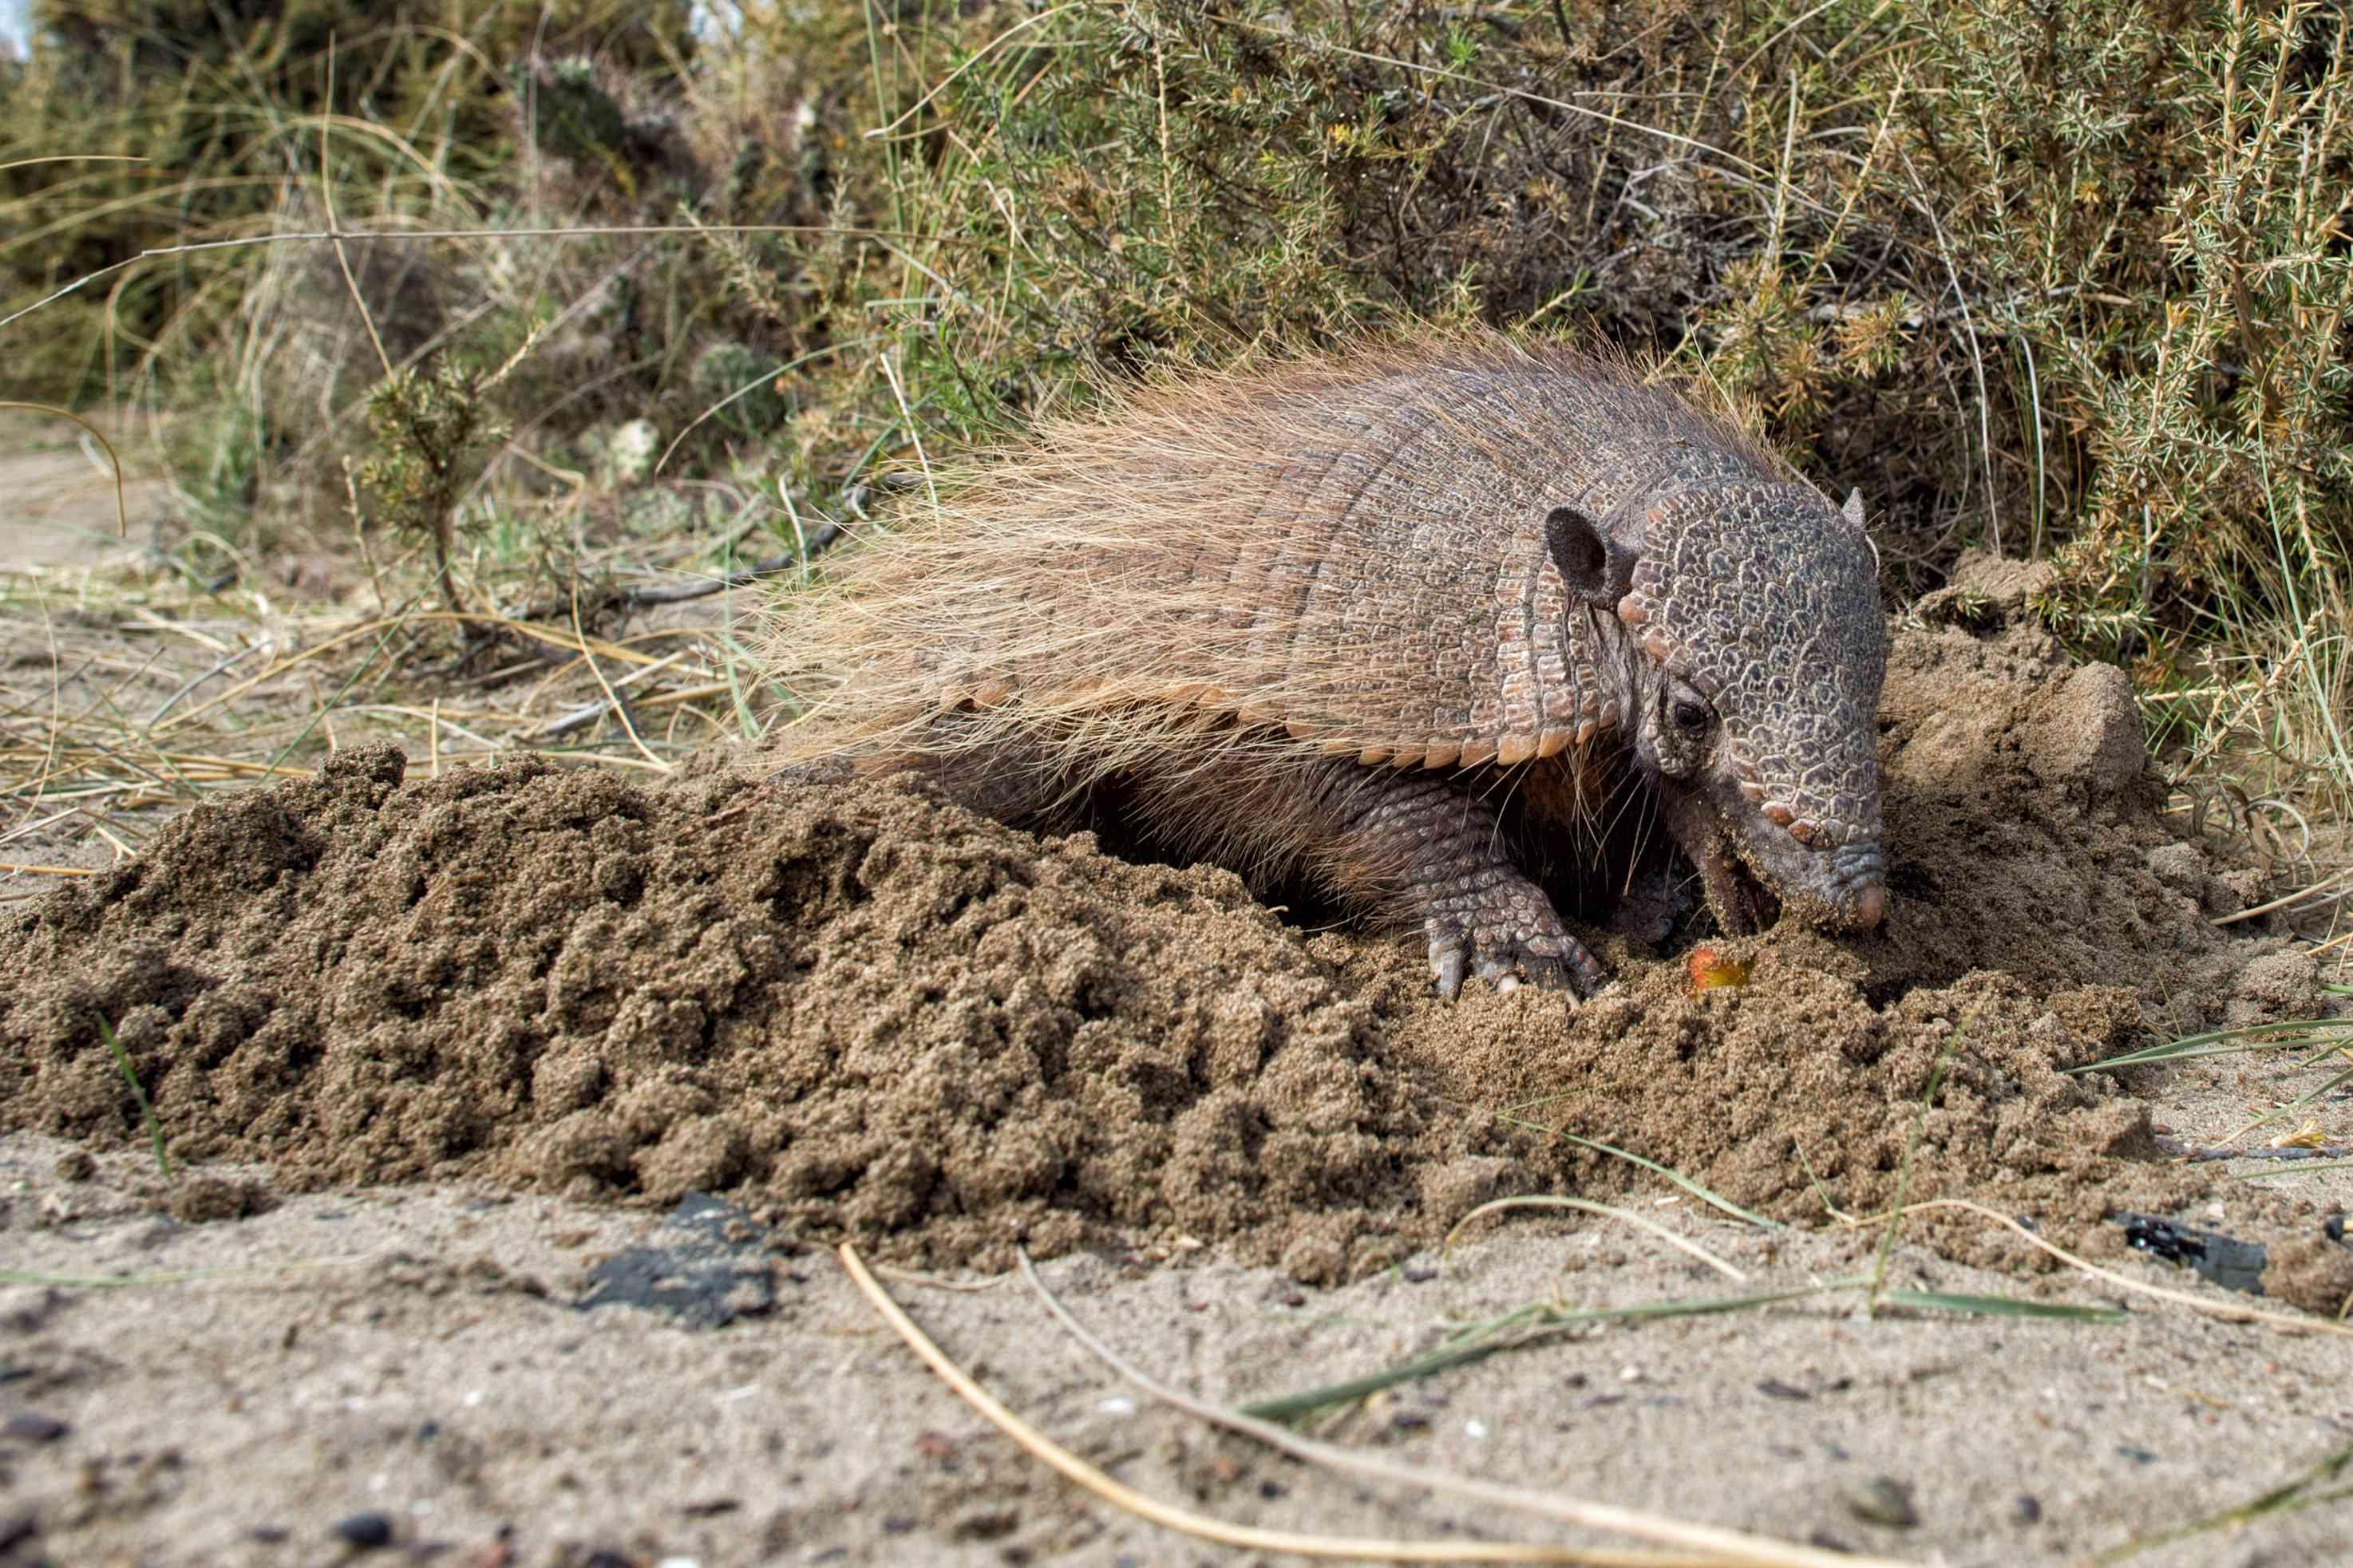 An armadillo digging